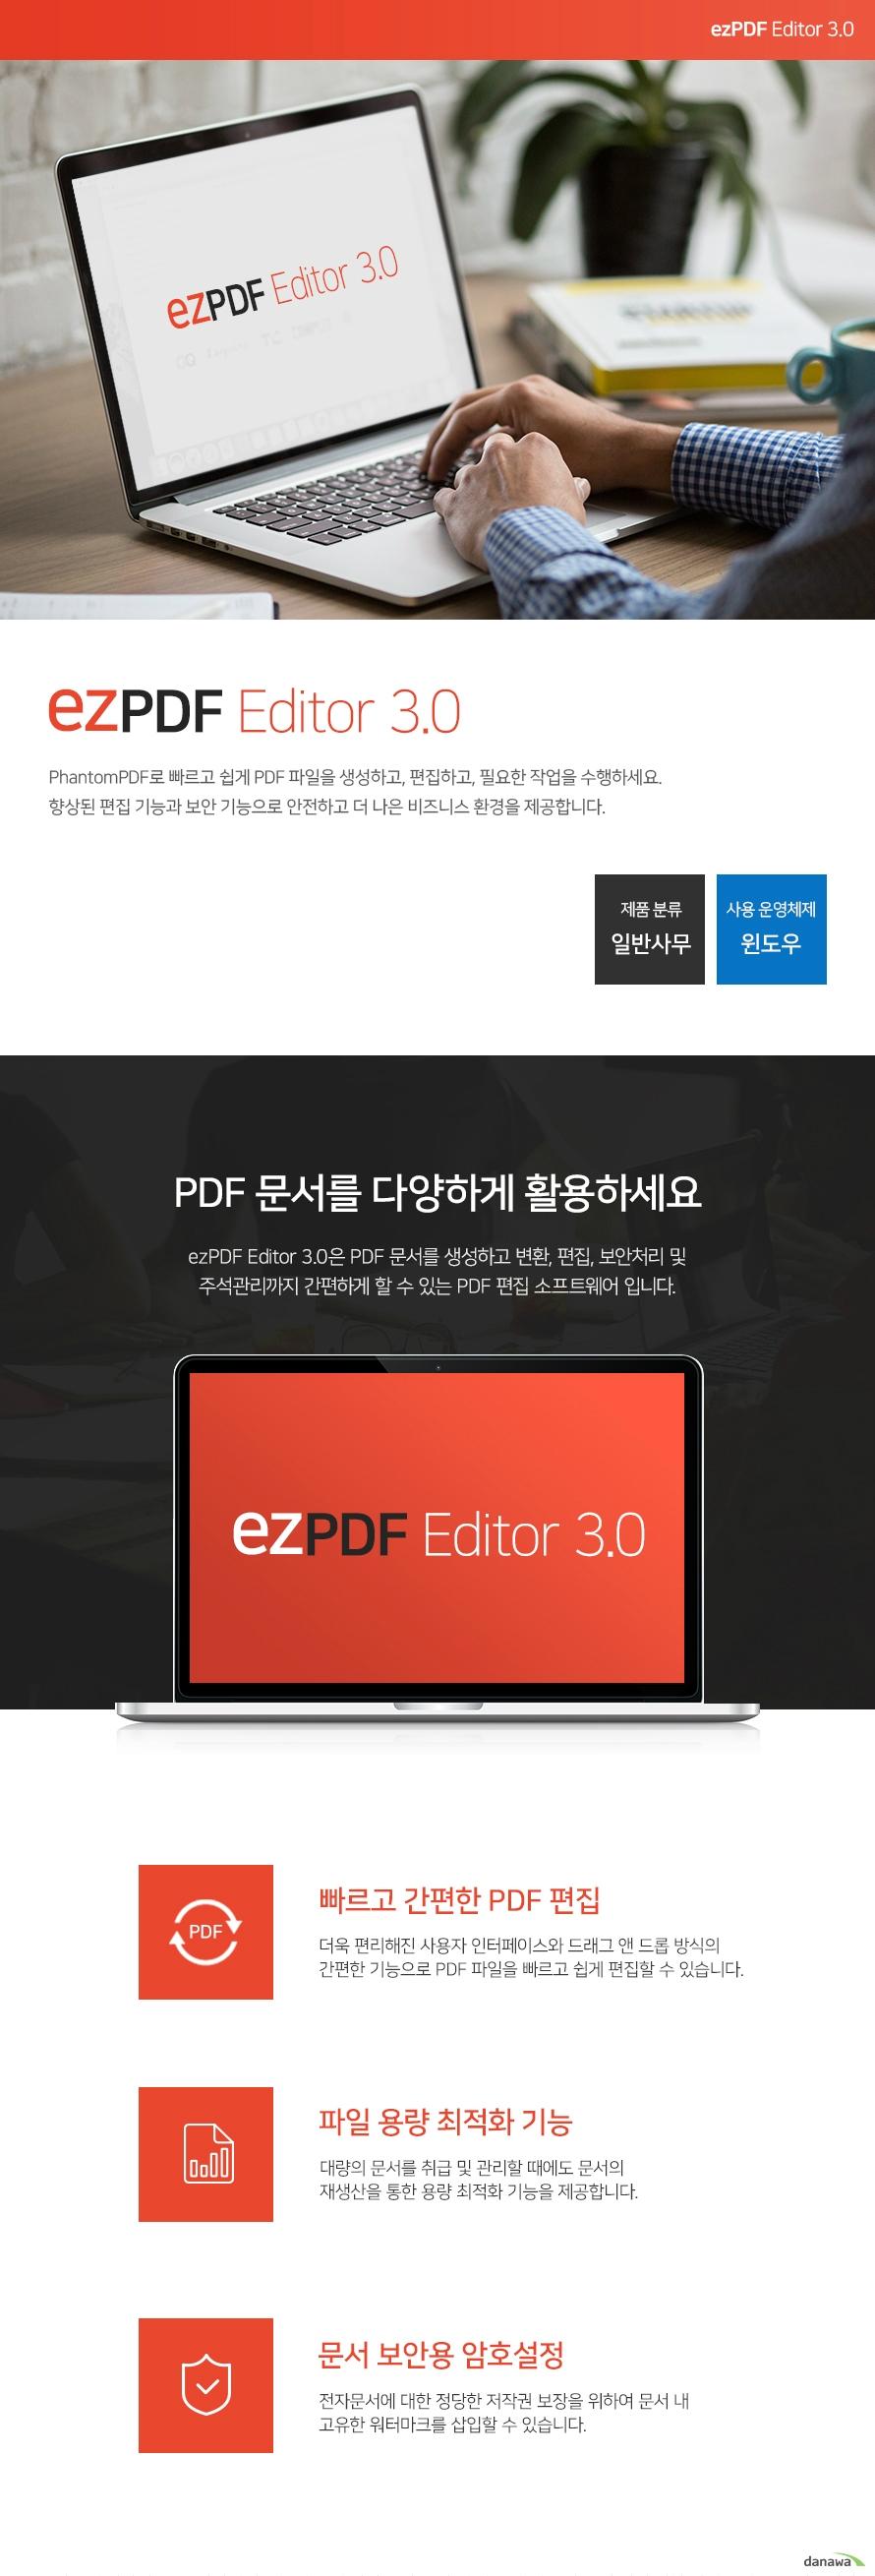 유니닥스  ezPDF Editor 3.0(1년 라이선스 기업용)